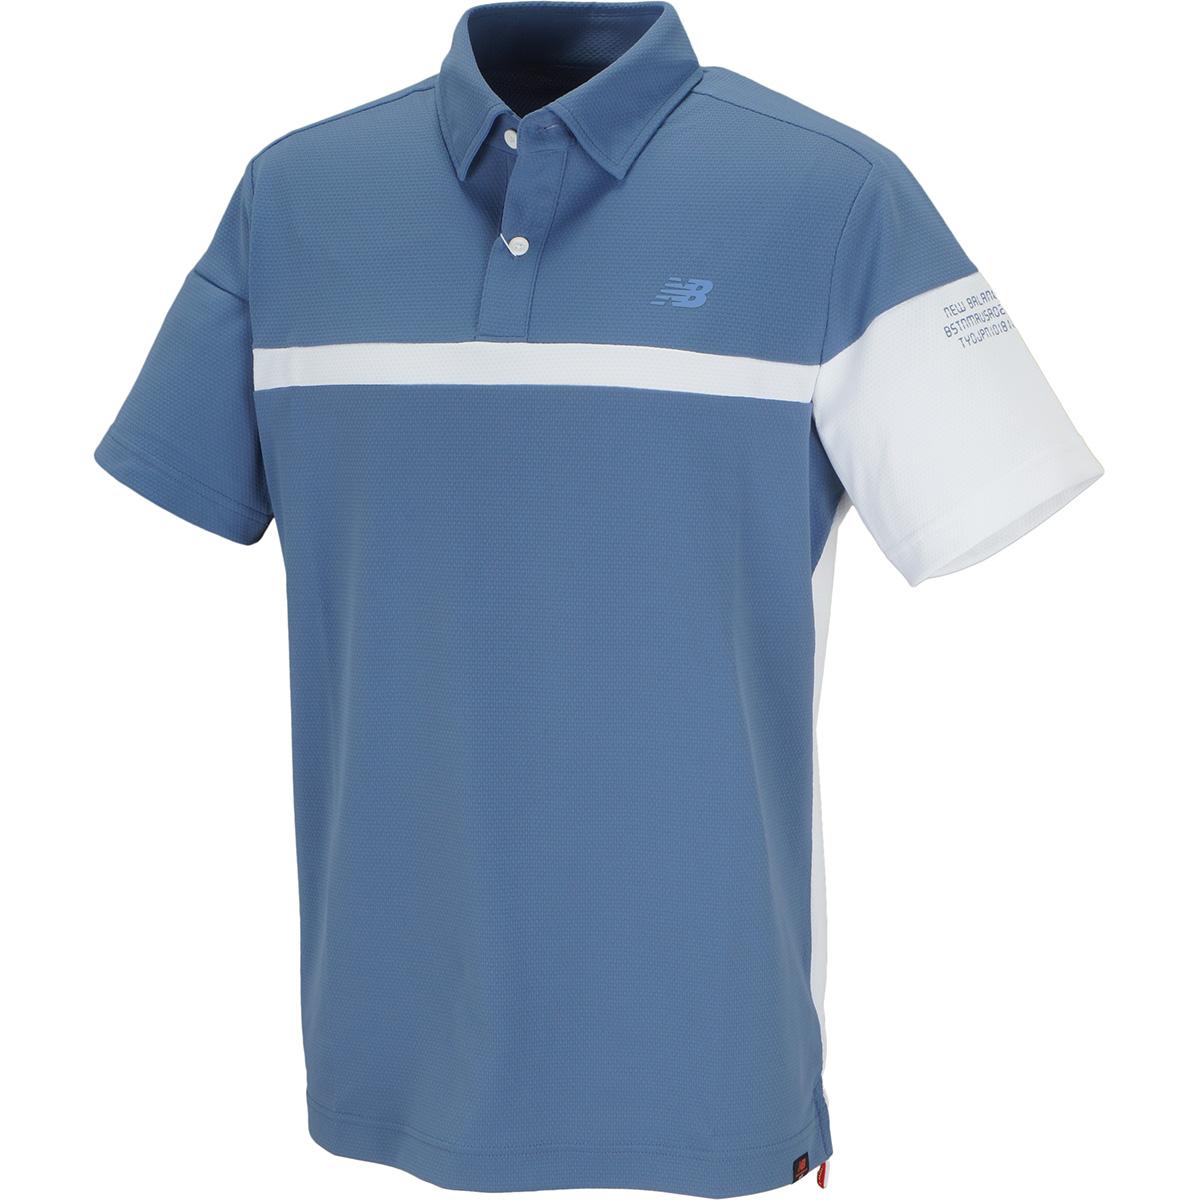 SPORT 半袖カラーポロシャツ